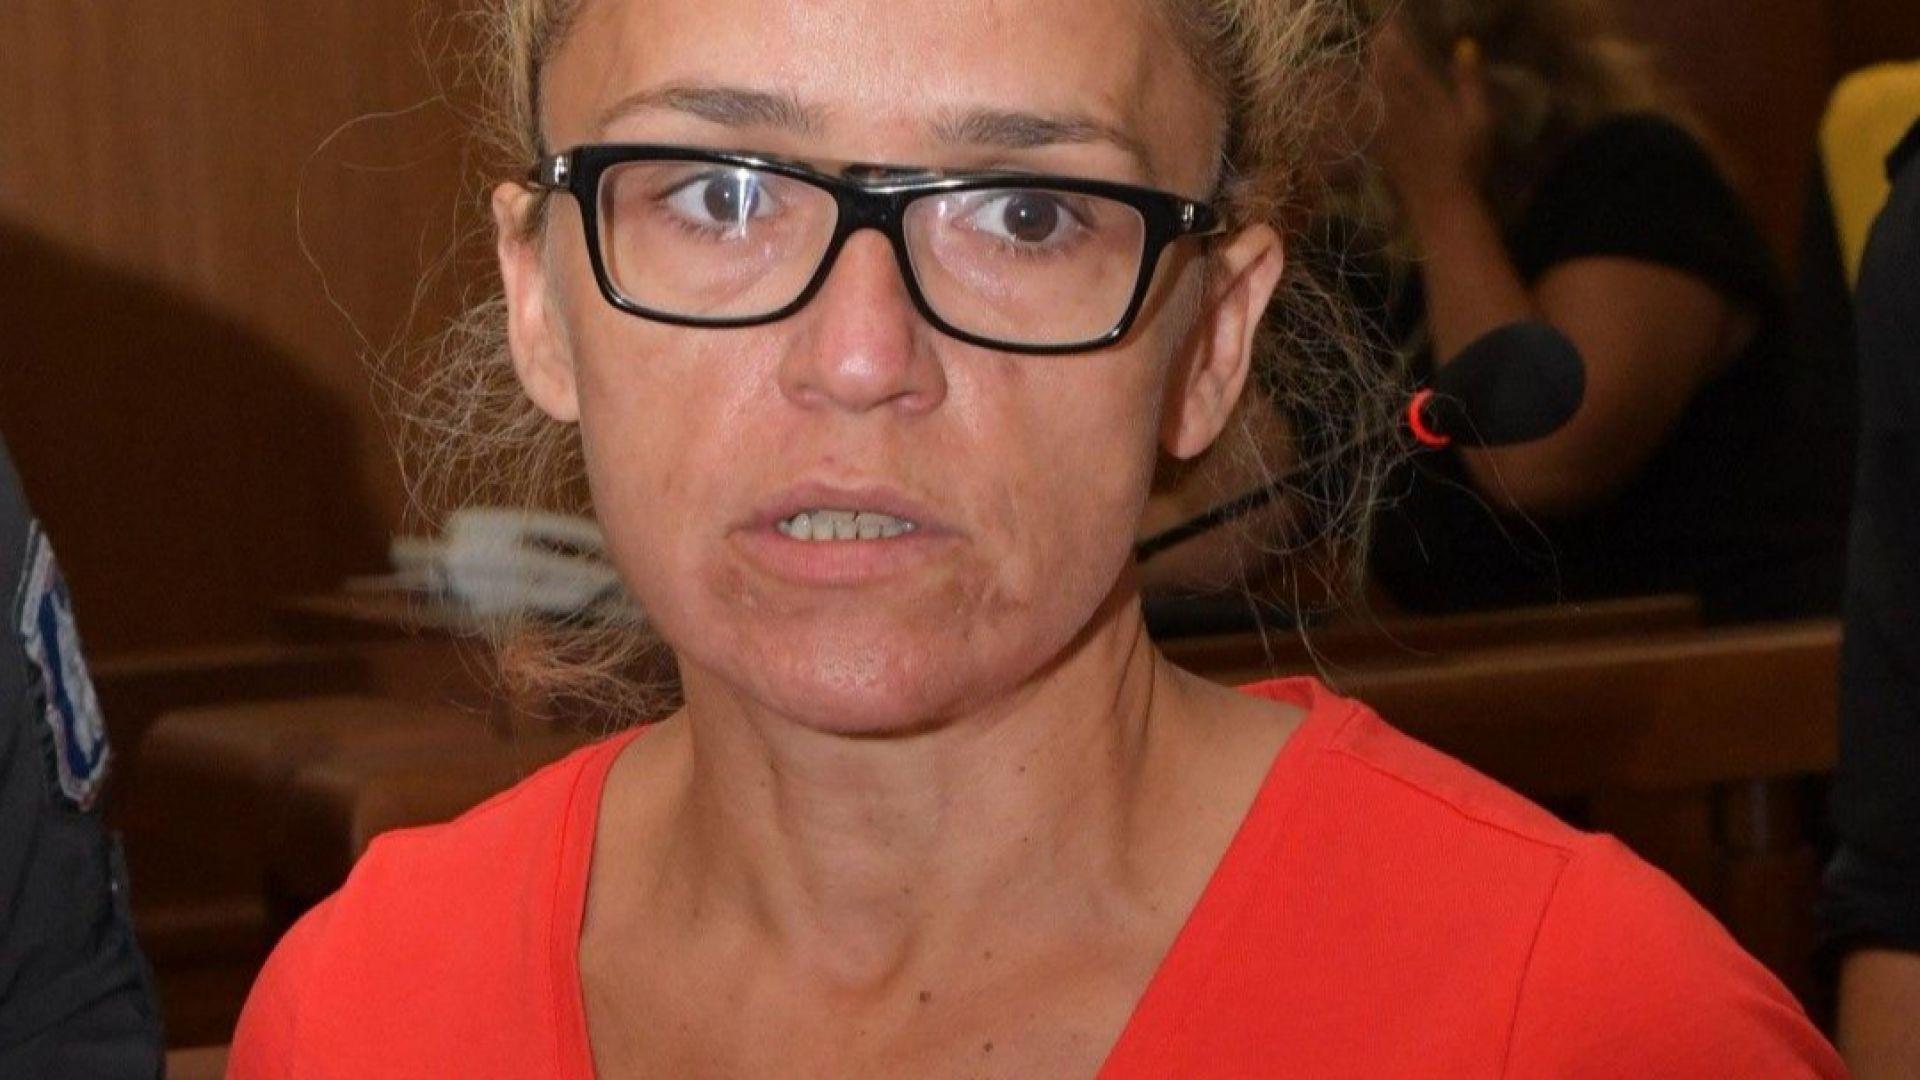 Иванчева на антидепресанти в затвора: Дори да си невинен, ще признаеш вина